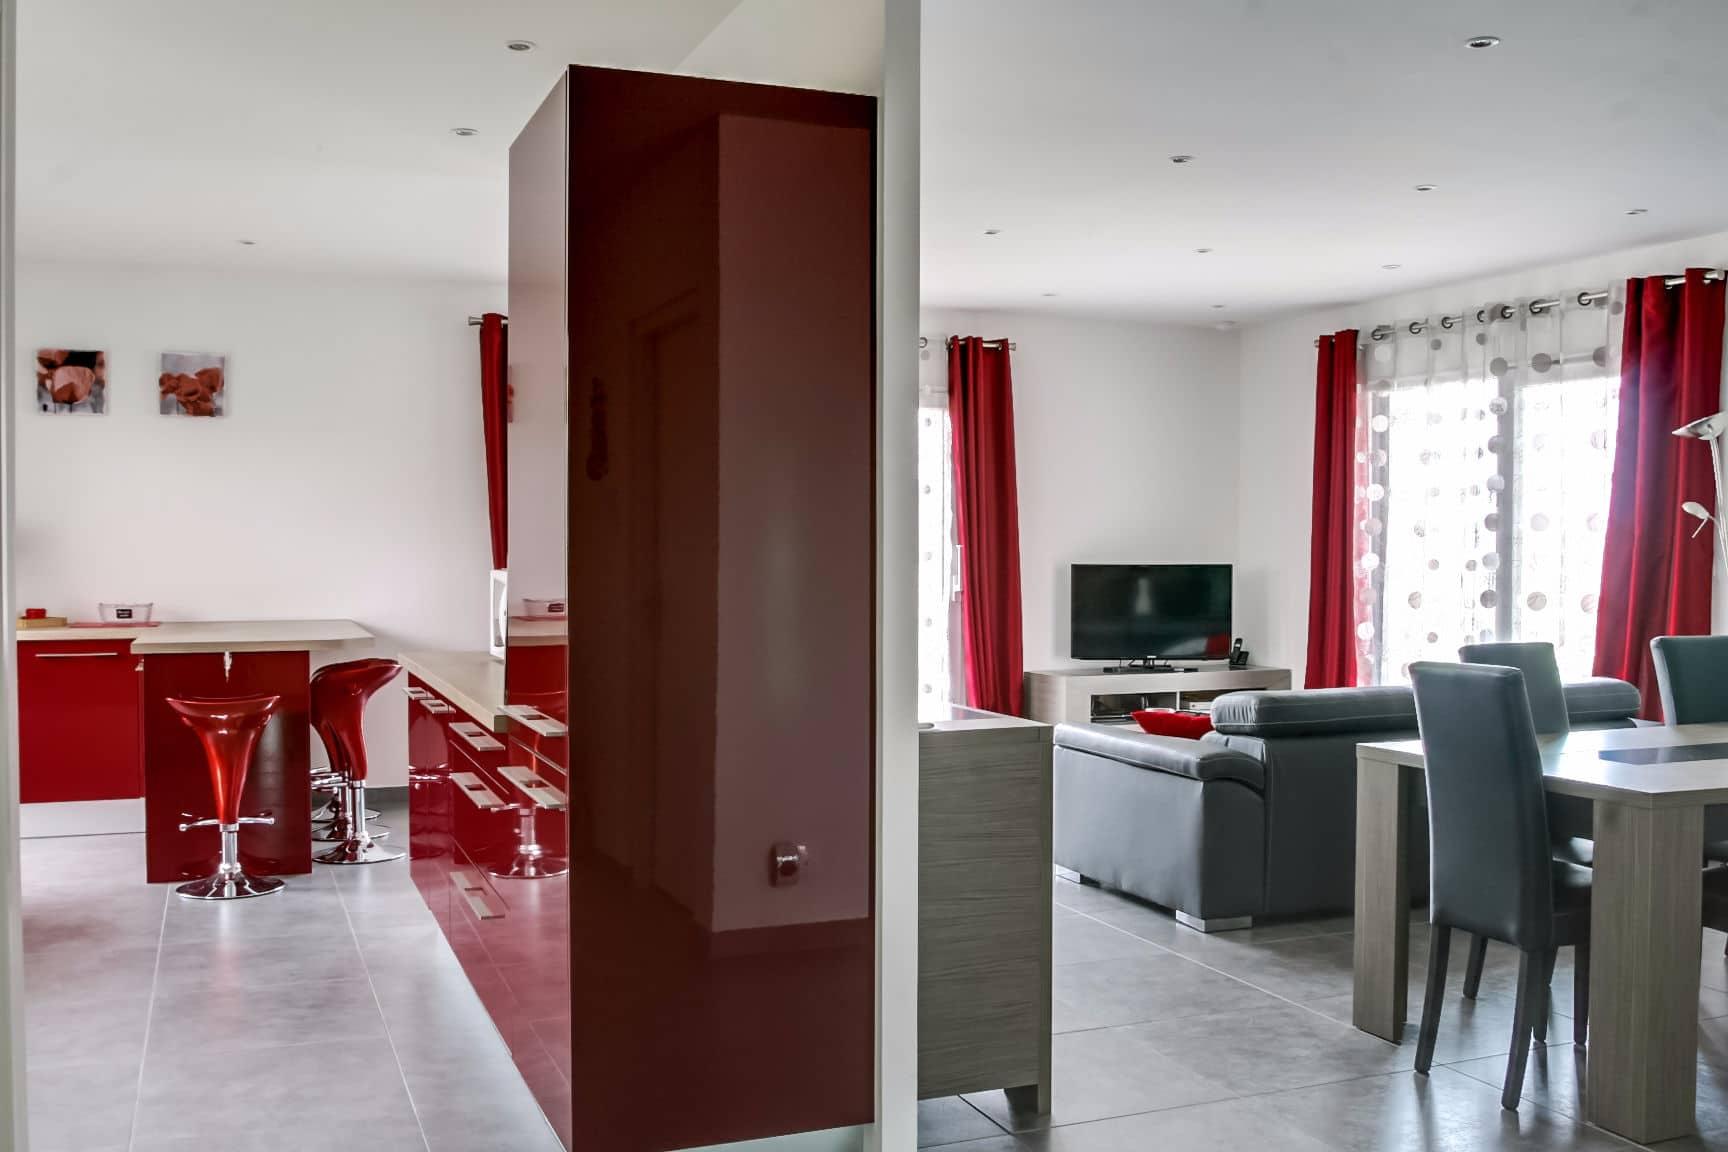 Acheter une maison sans apport 28 images construire for Acheter maison france pas chere